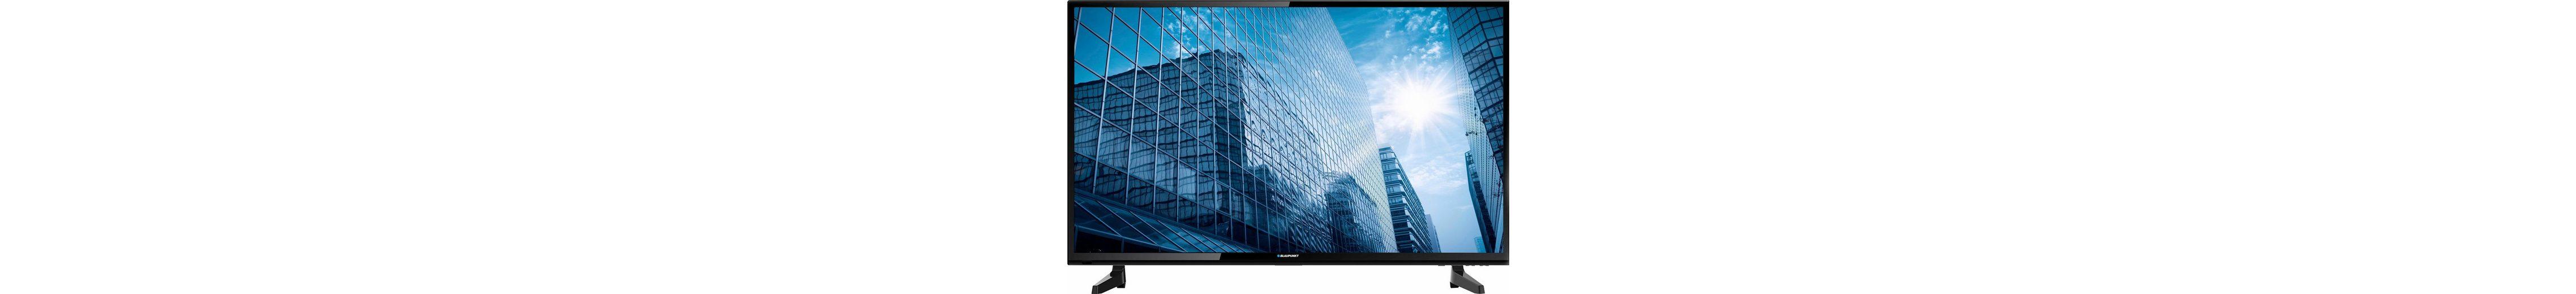 Blaupunkt B49B148T2CS, LED Fernseher, 123 cm (49 Zoll), 1080p (Full HD)